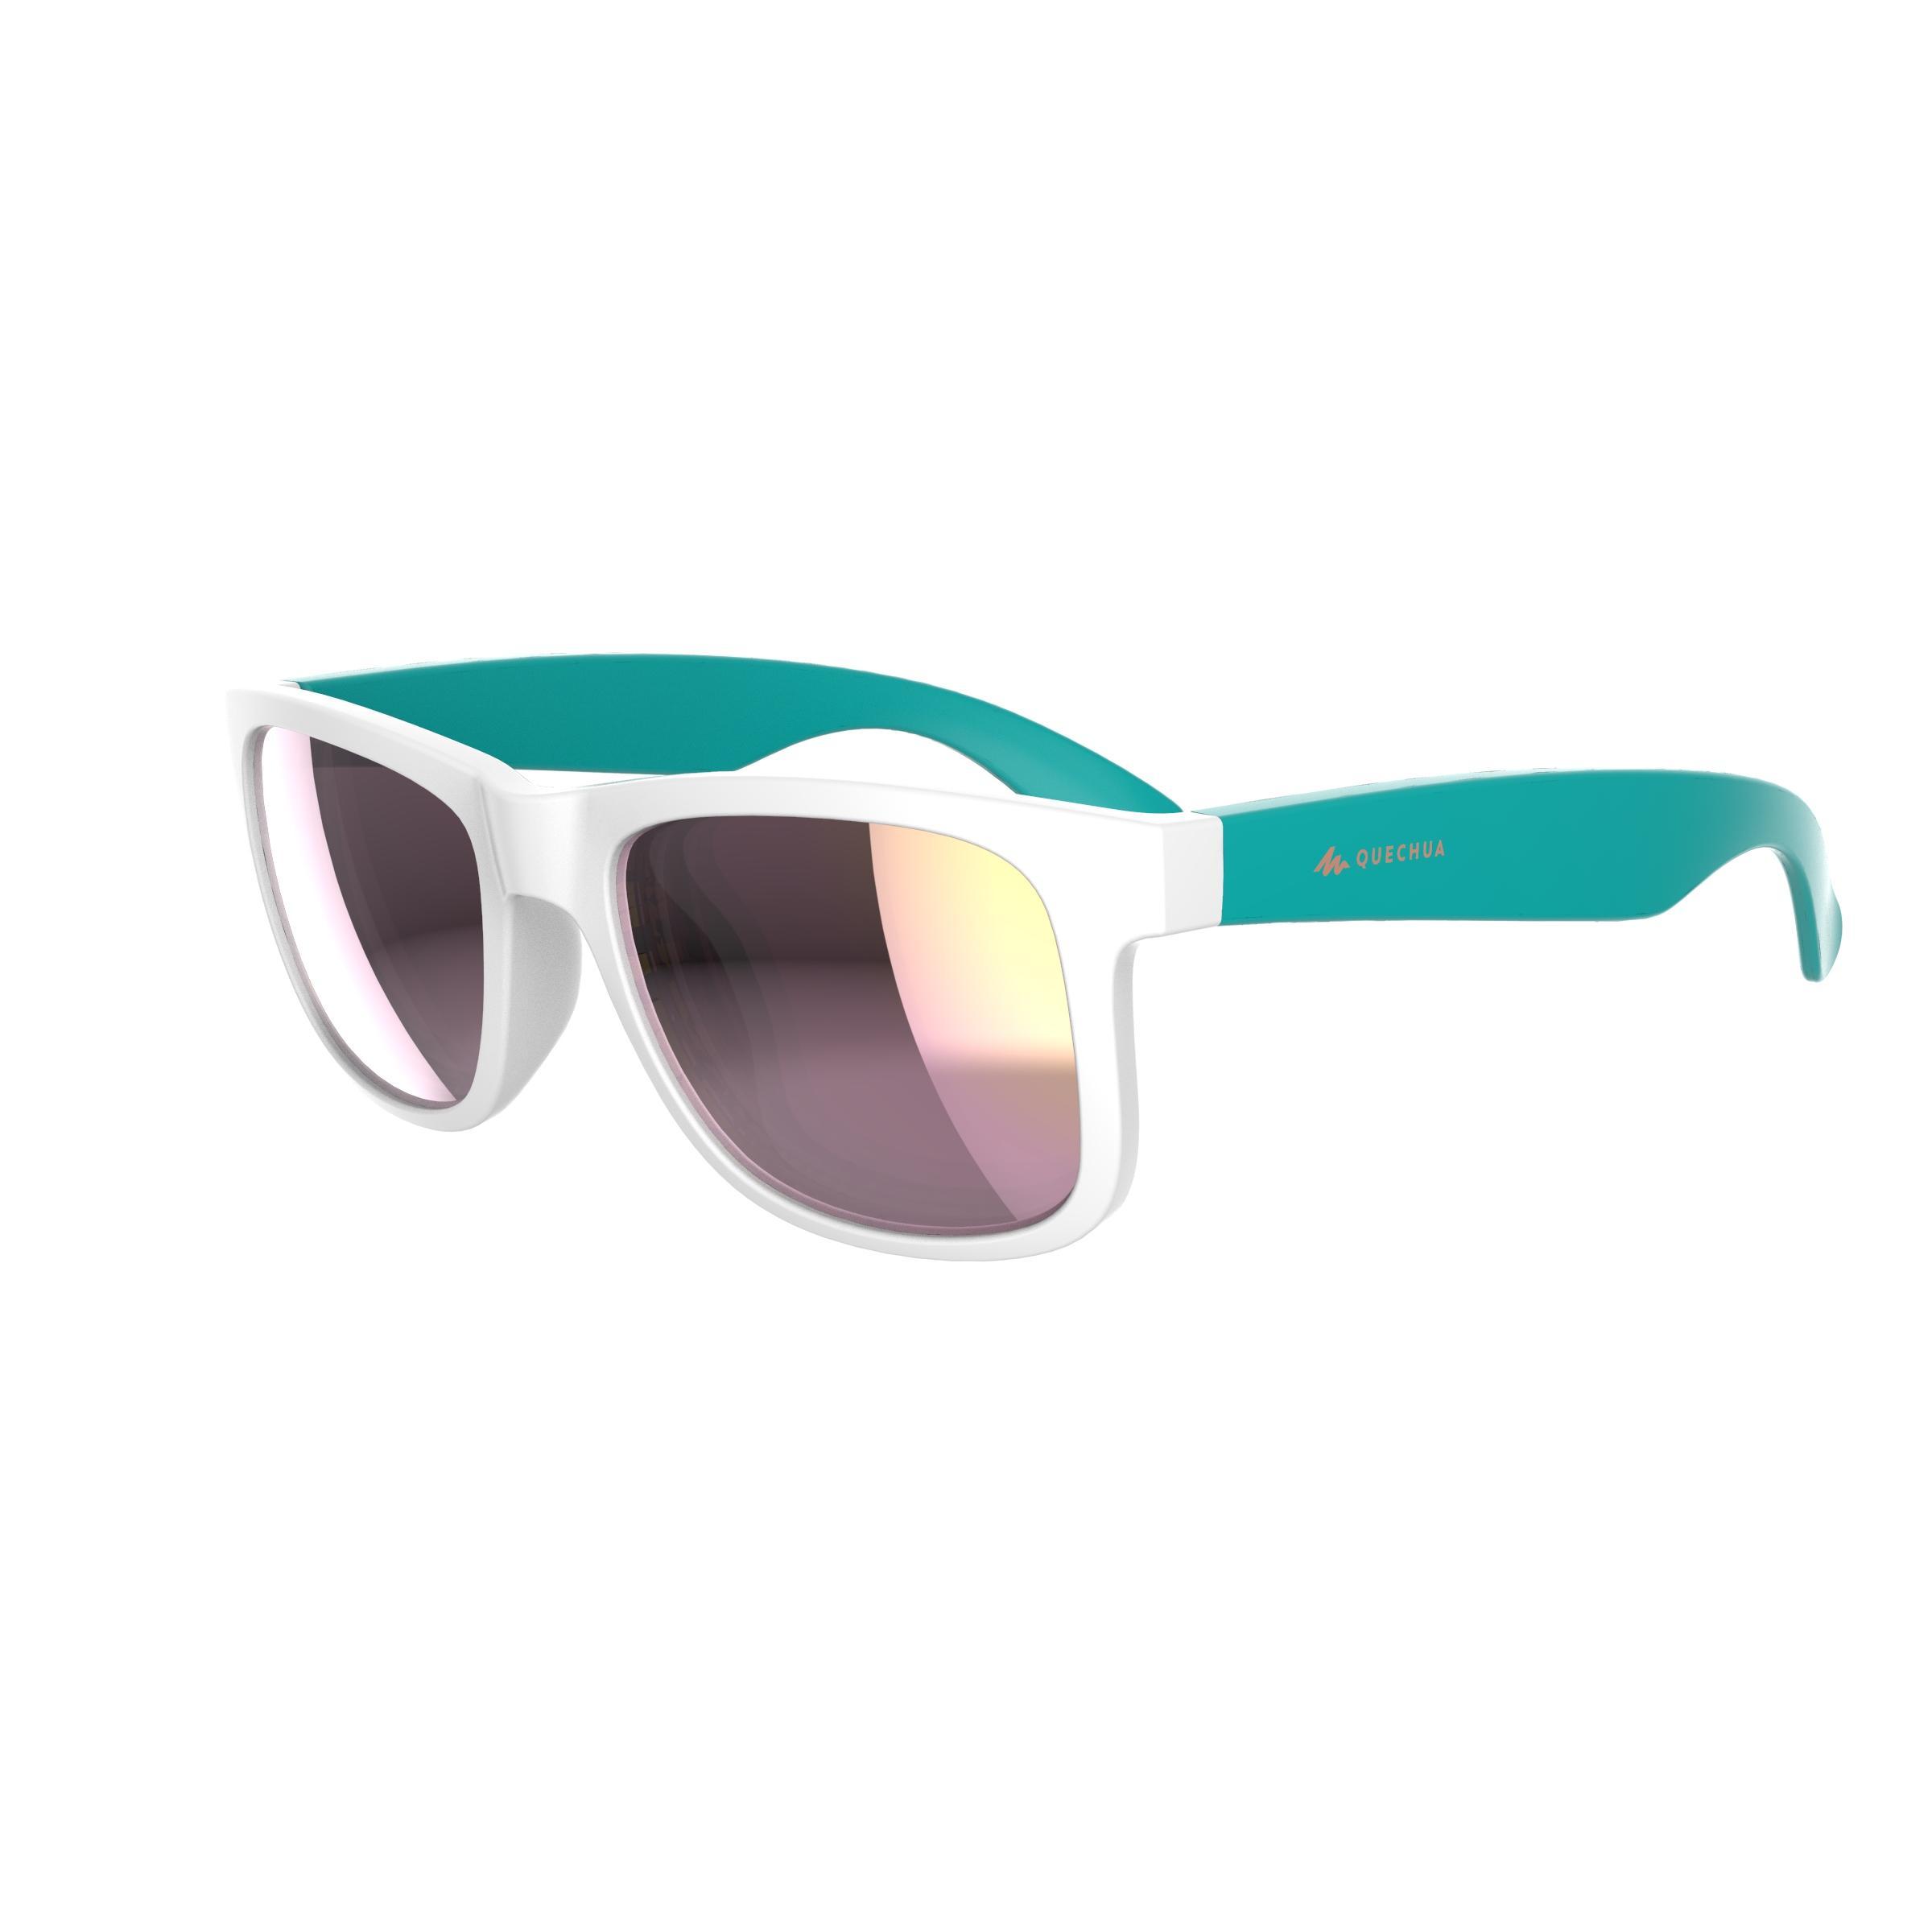 Gafas de sol senderismo júnior 11-14 años MH T140 blanco/azul turquesa cat. 3